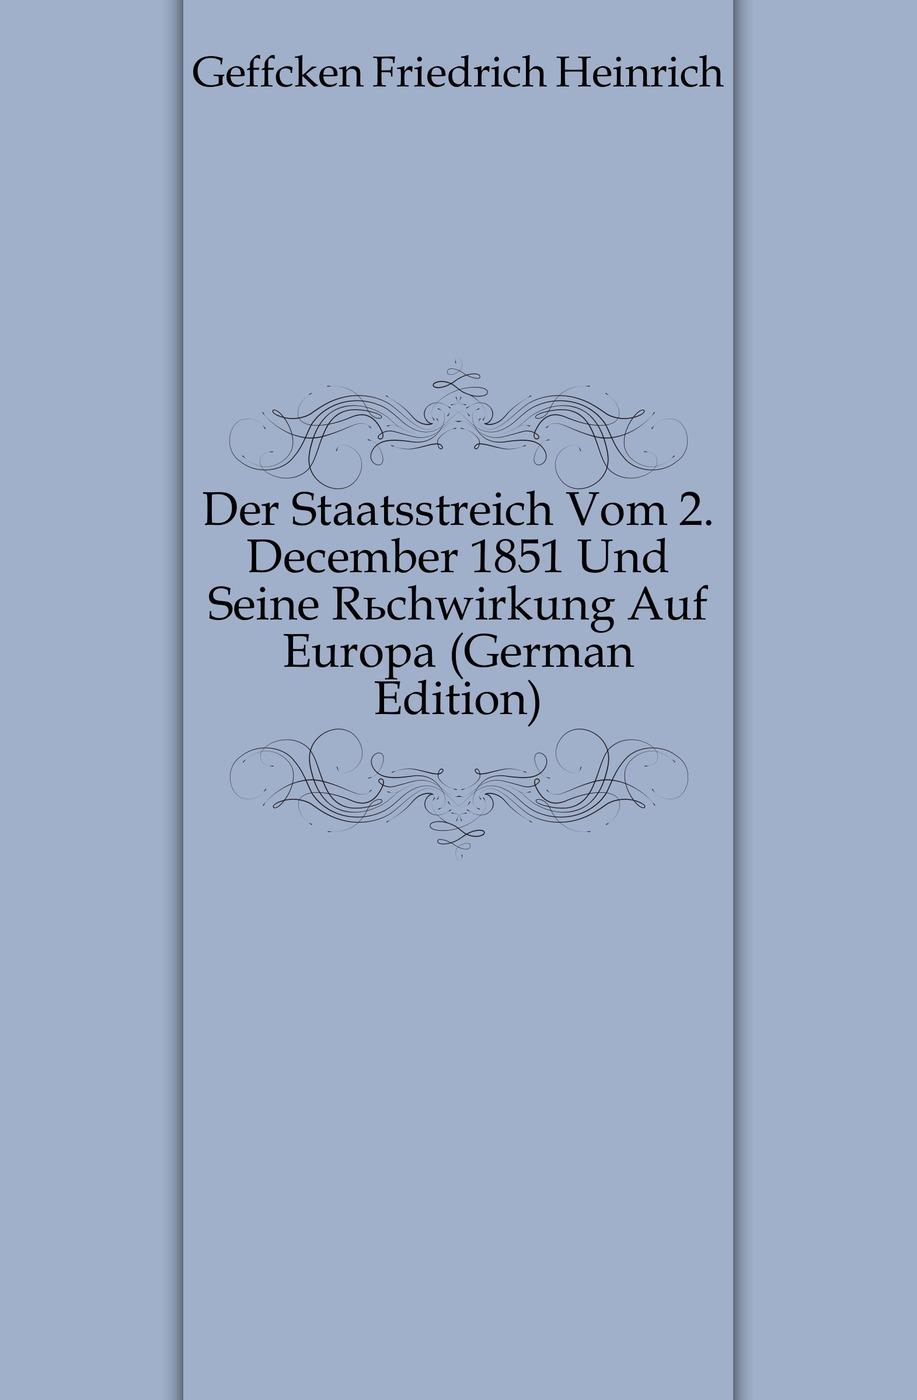 Der Staatsstreich Vom 2. December 1851 Und Seine Ruchwirkung Auf Europa (German Edition)